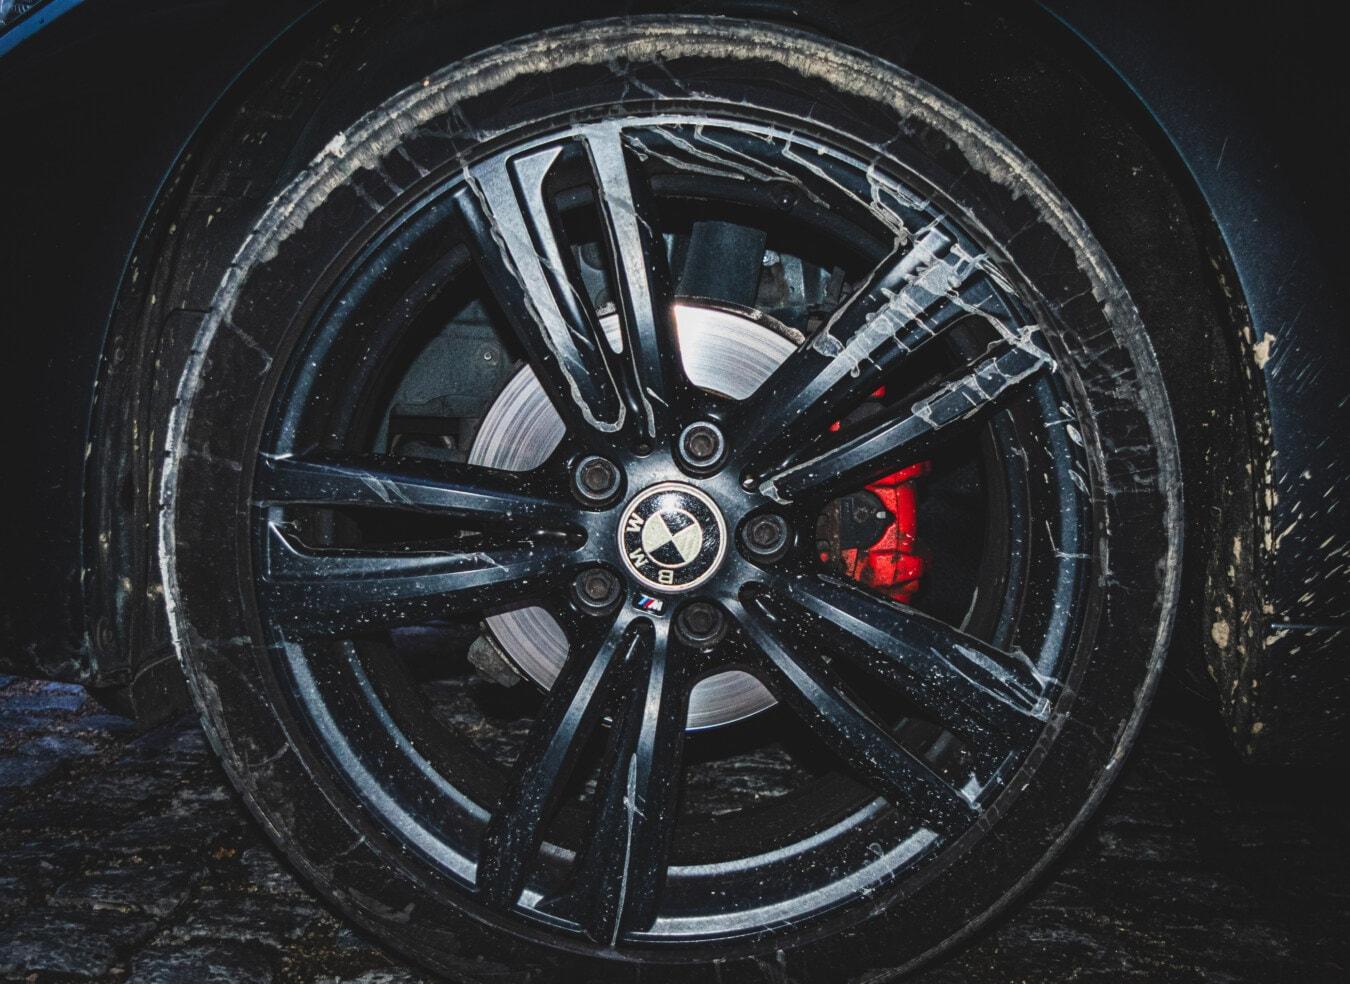 BMW, en aluminium, boue, noir, sale, jante, pneu, frein, disque, roue